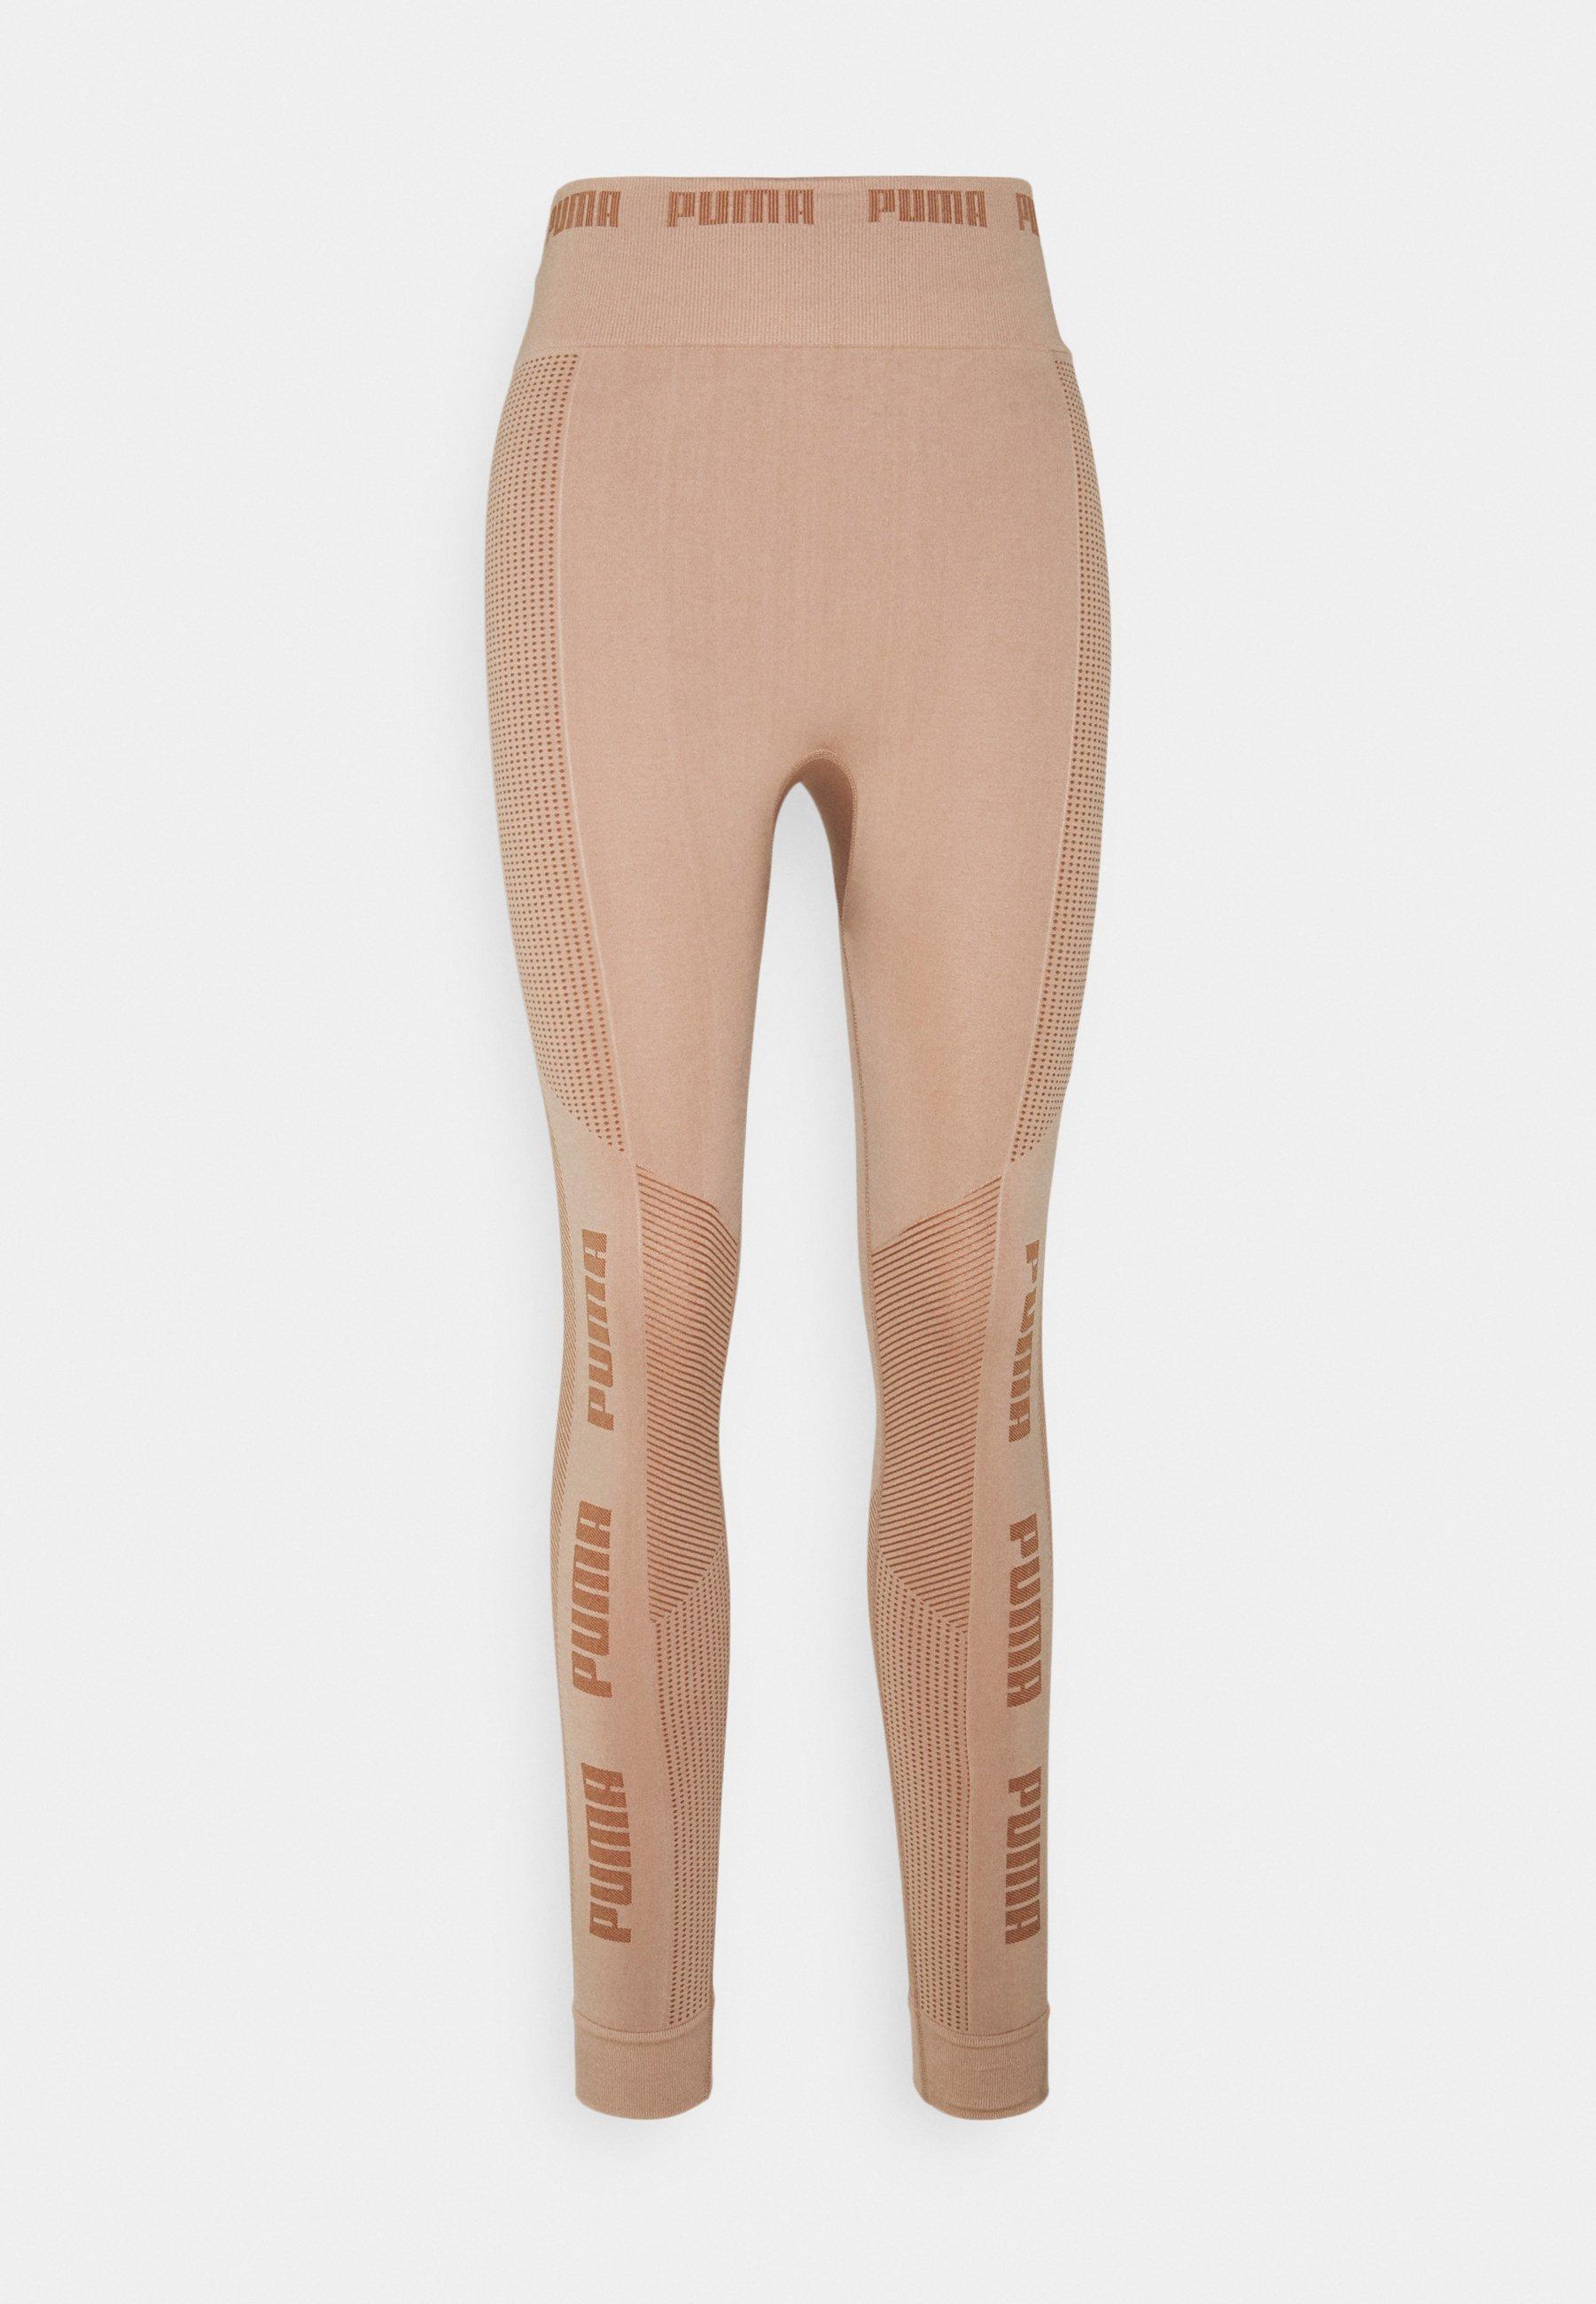 Femme EVOKNIT SEAMLESS LEGGINGS - Collants